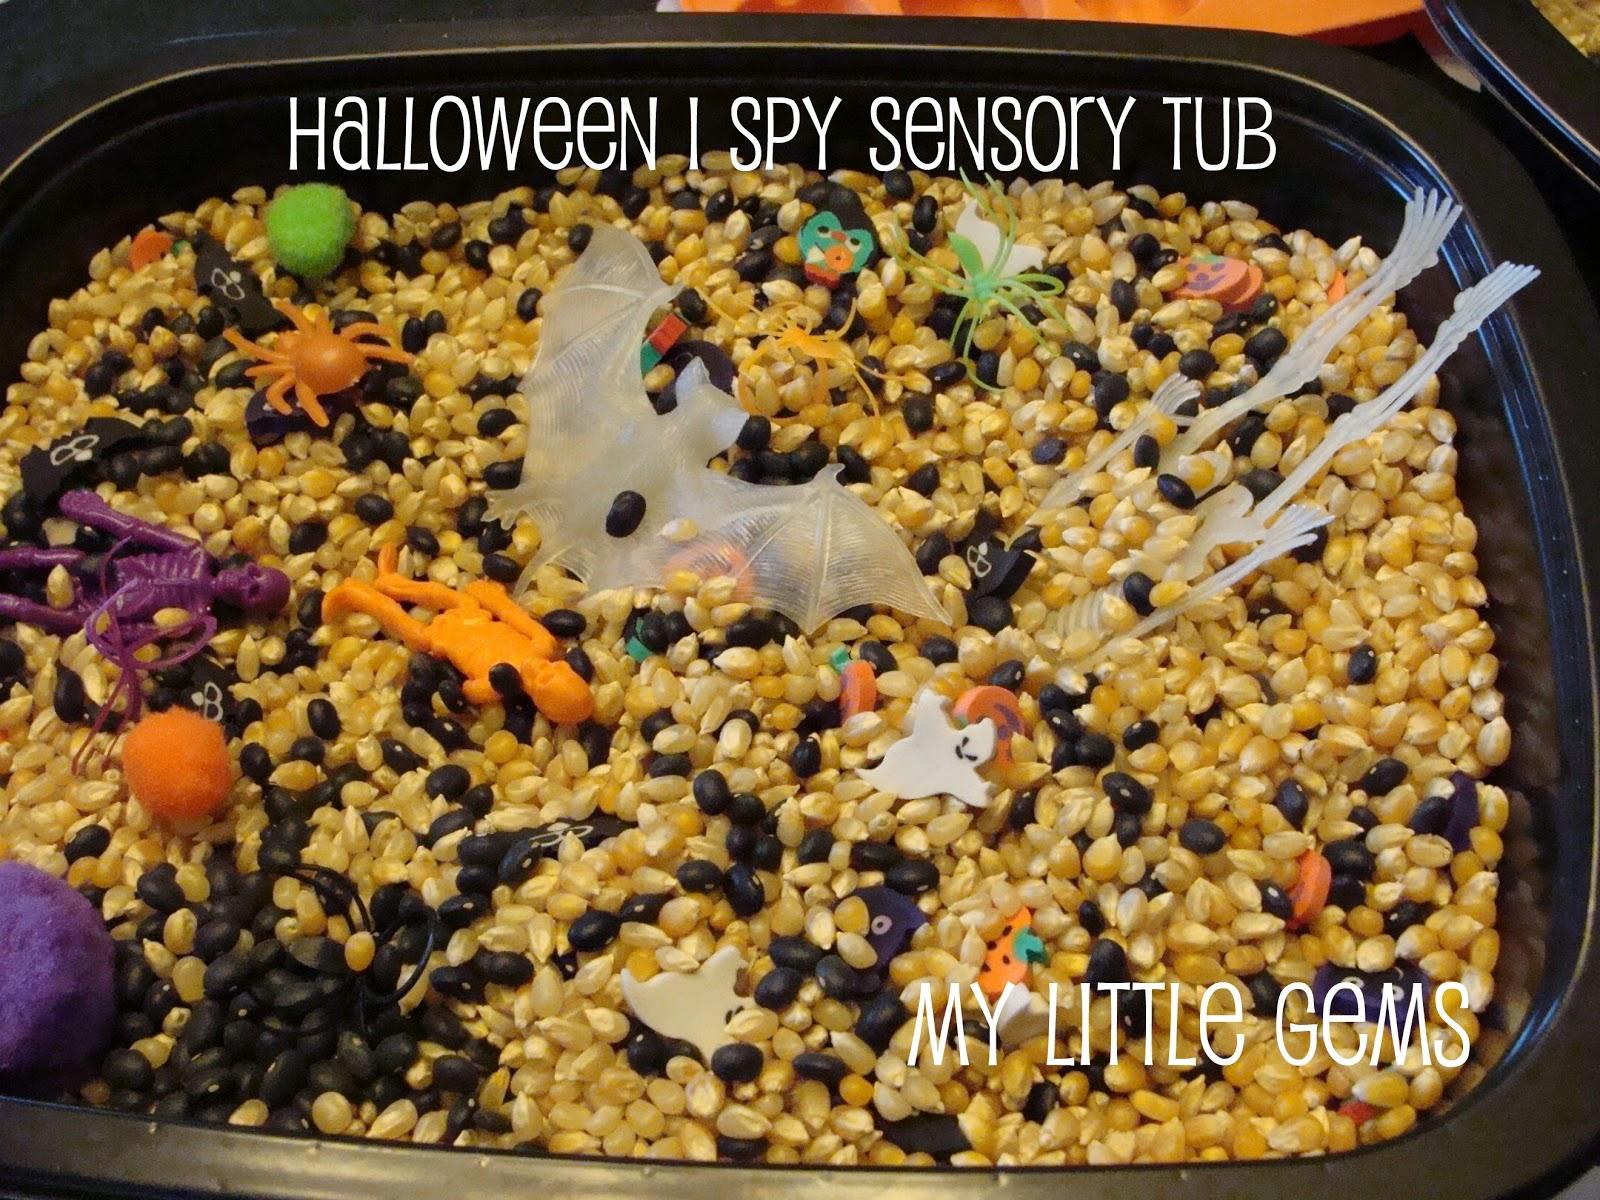 My Little Gems Halloween I Spy Search N Find Tub